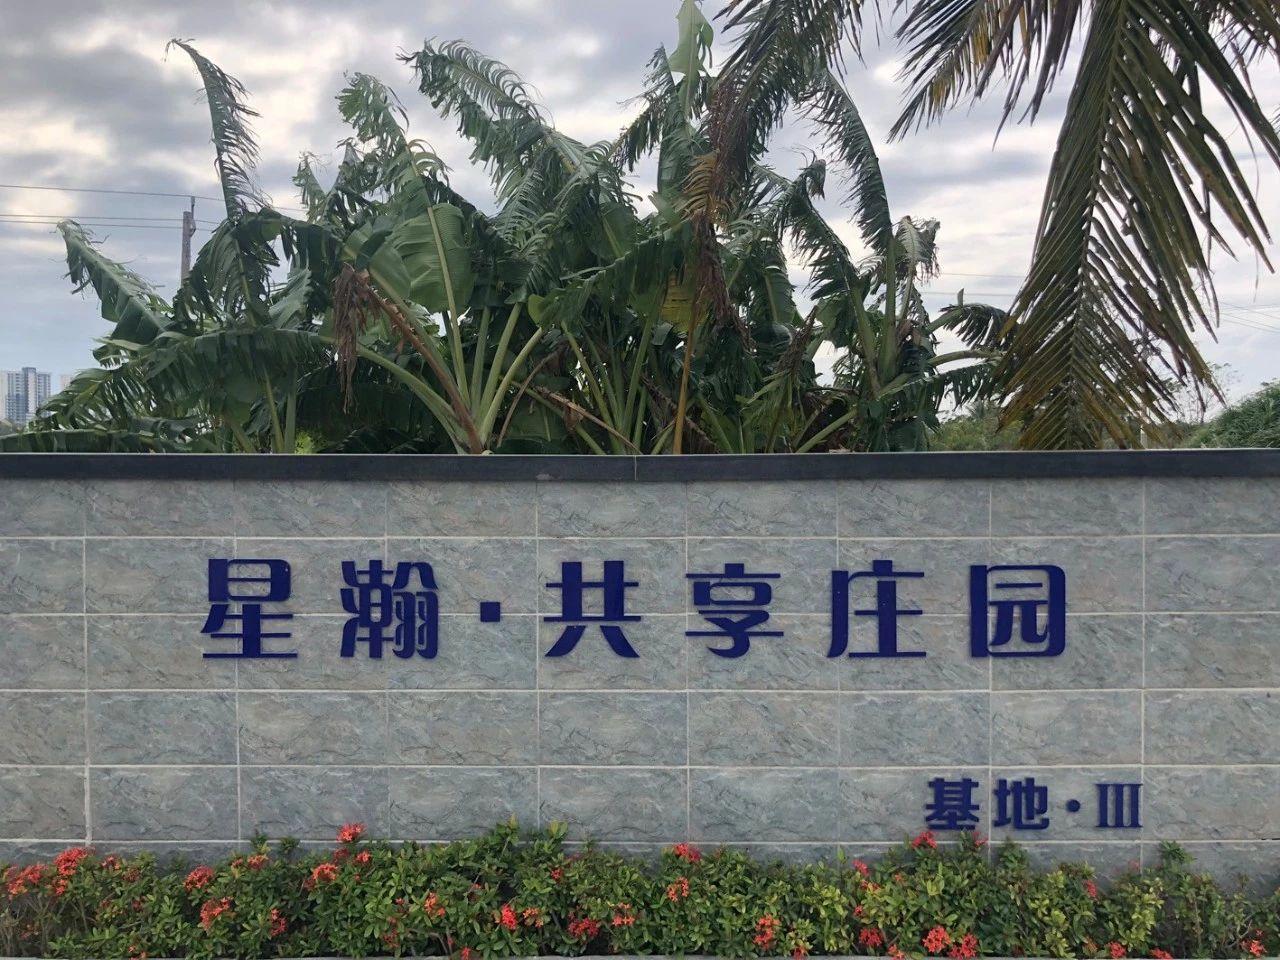 海南星瀚游艇发展有限公司招聘信息-3人20200310.files-image009